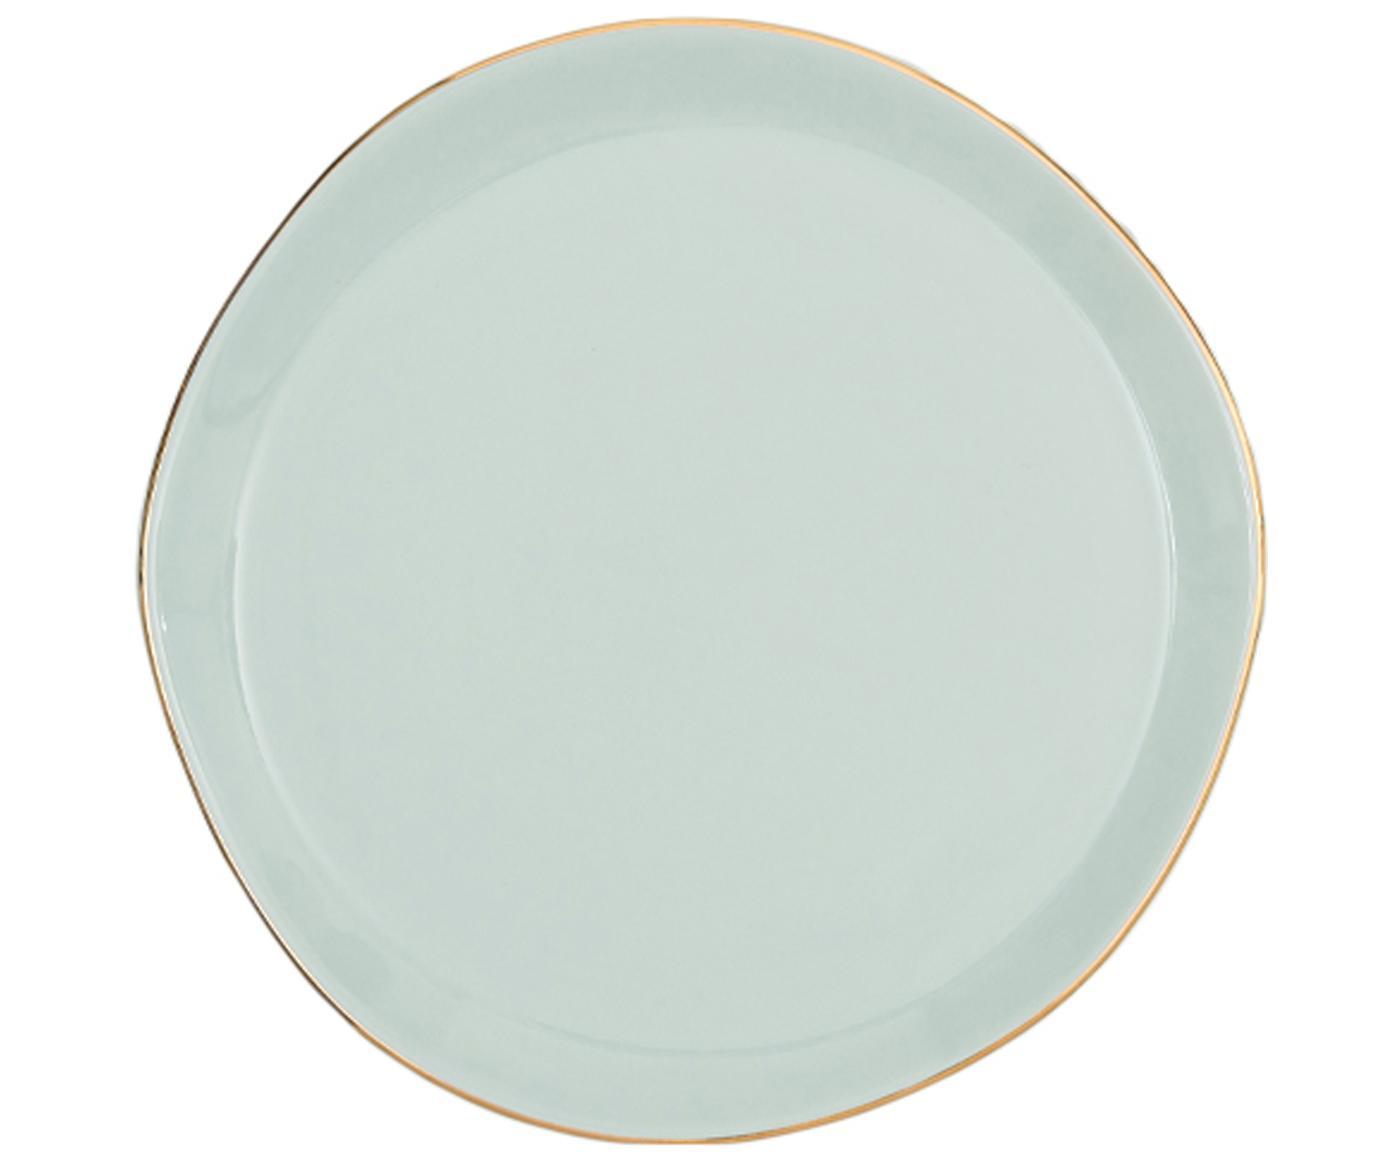 Piattino da dessert con bordo dorato Good Morning, Porcellana, Verde menta, dorato, Ø 17 cm